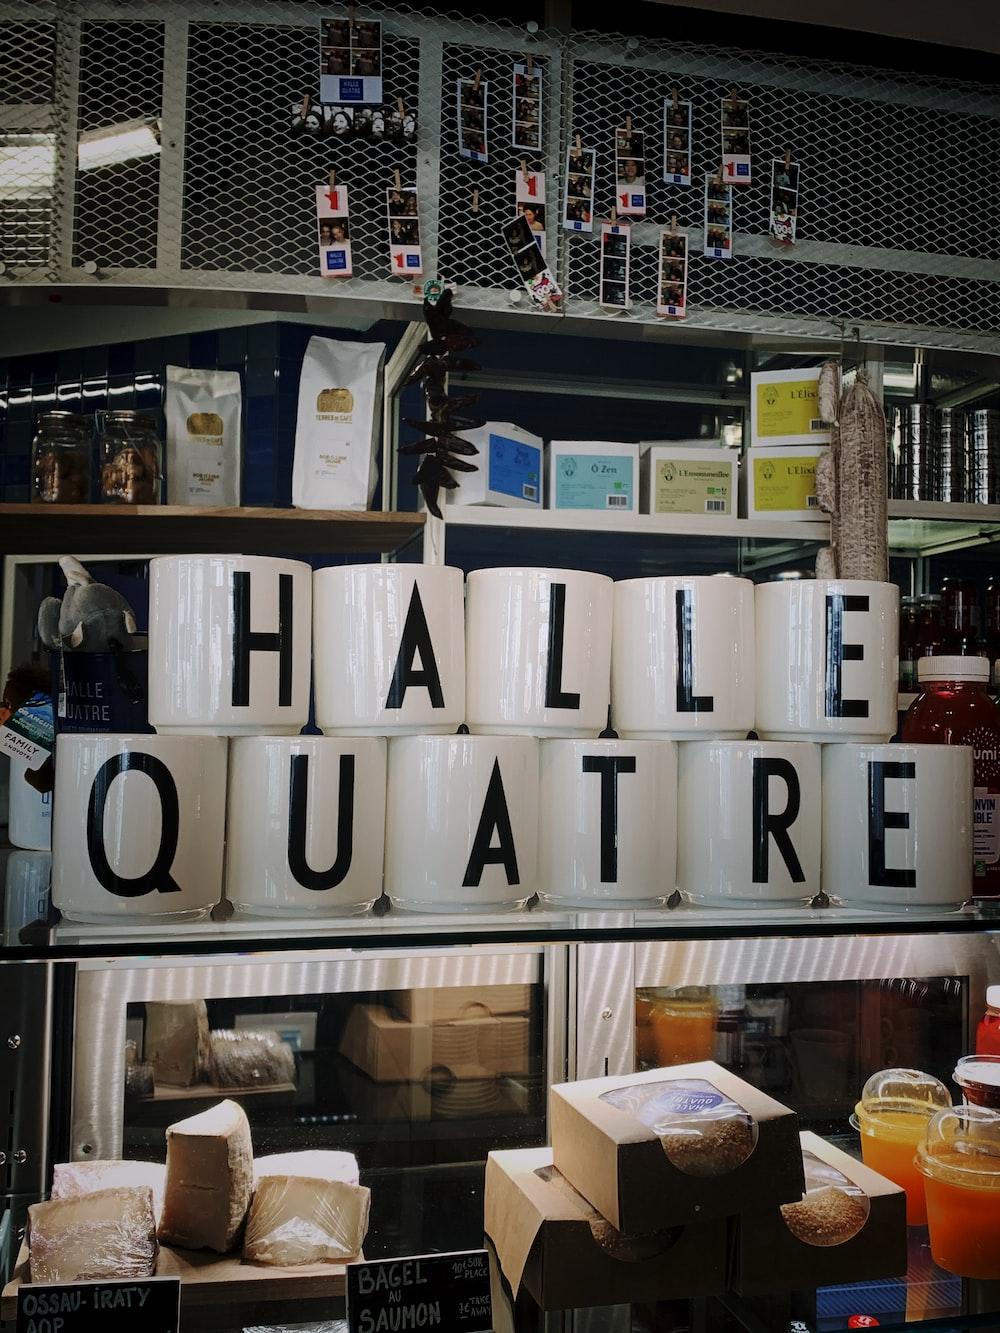 white ceramic mugs with Halle Quatre letters